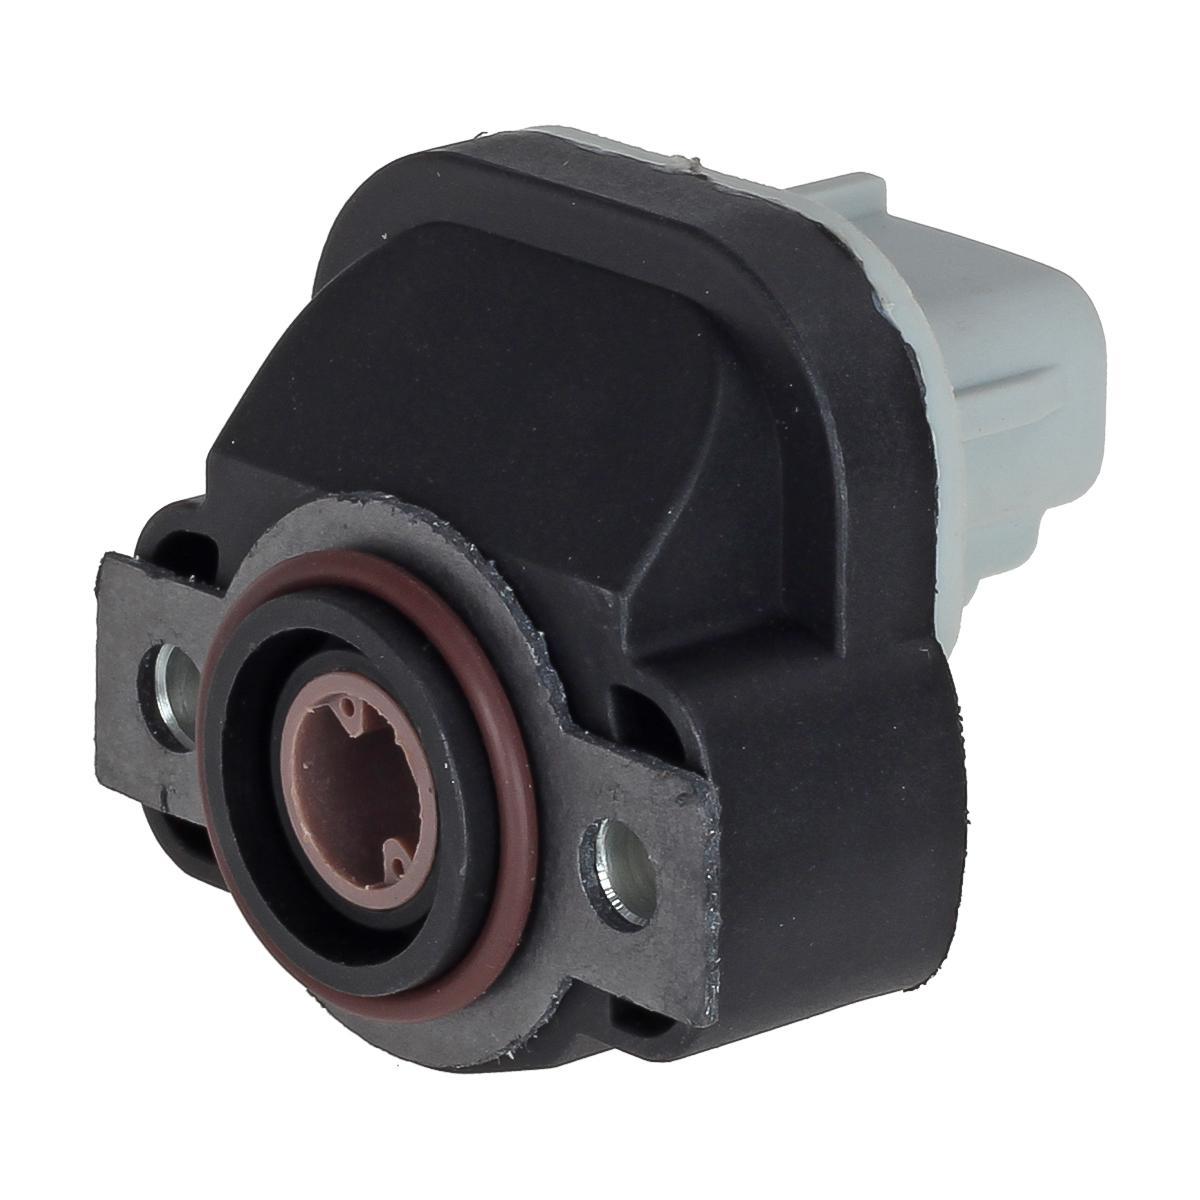 TH190 Throttle Position Sensor TPS For 1999